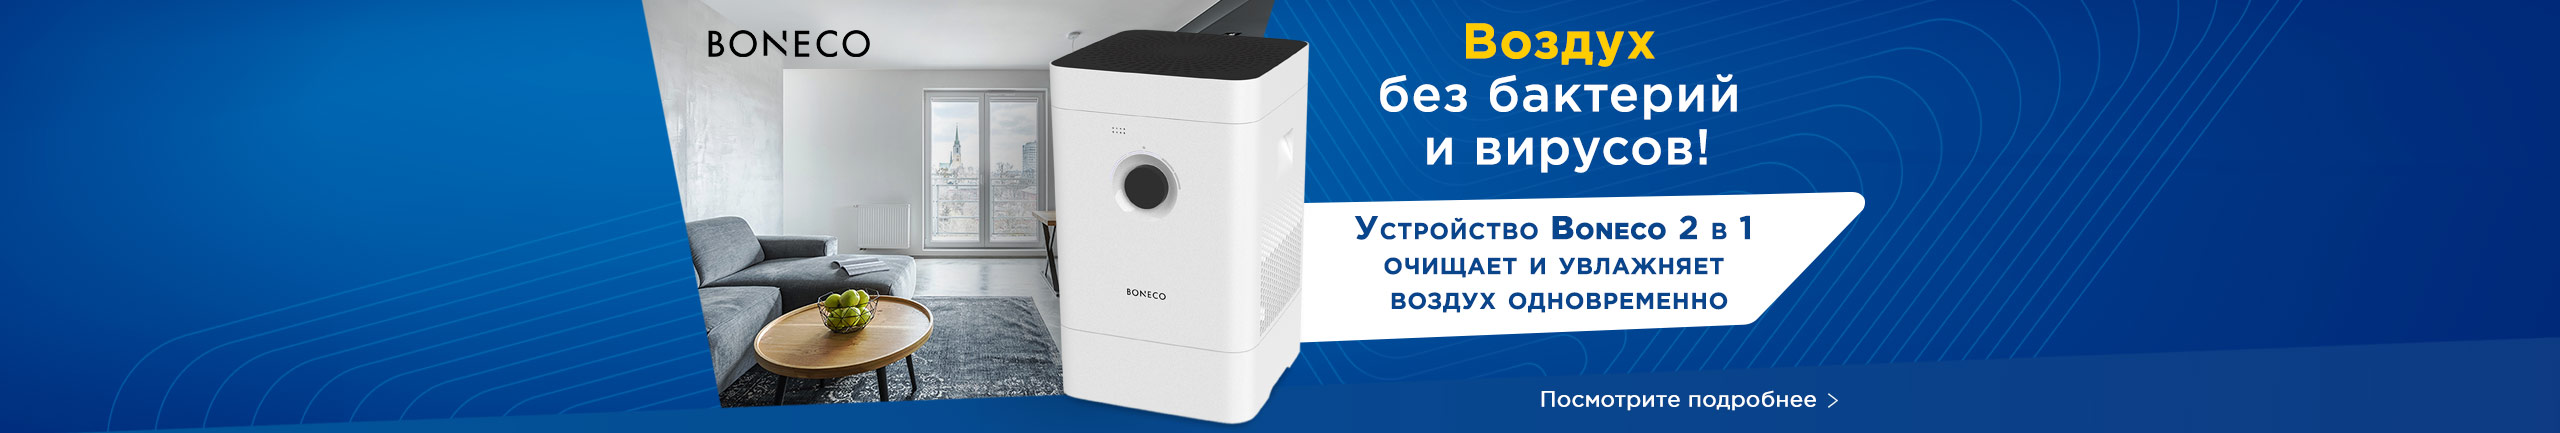 Устройство Boneco 2 в 1 очищает и увлажняет воздух одновременно